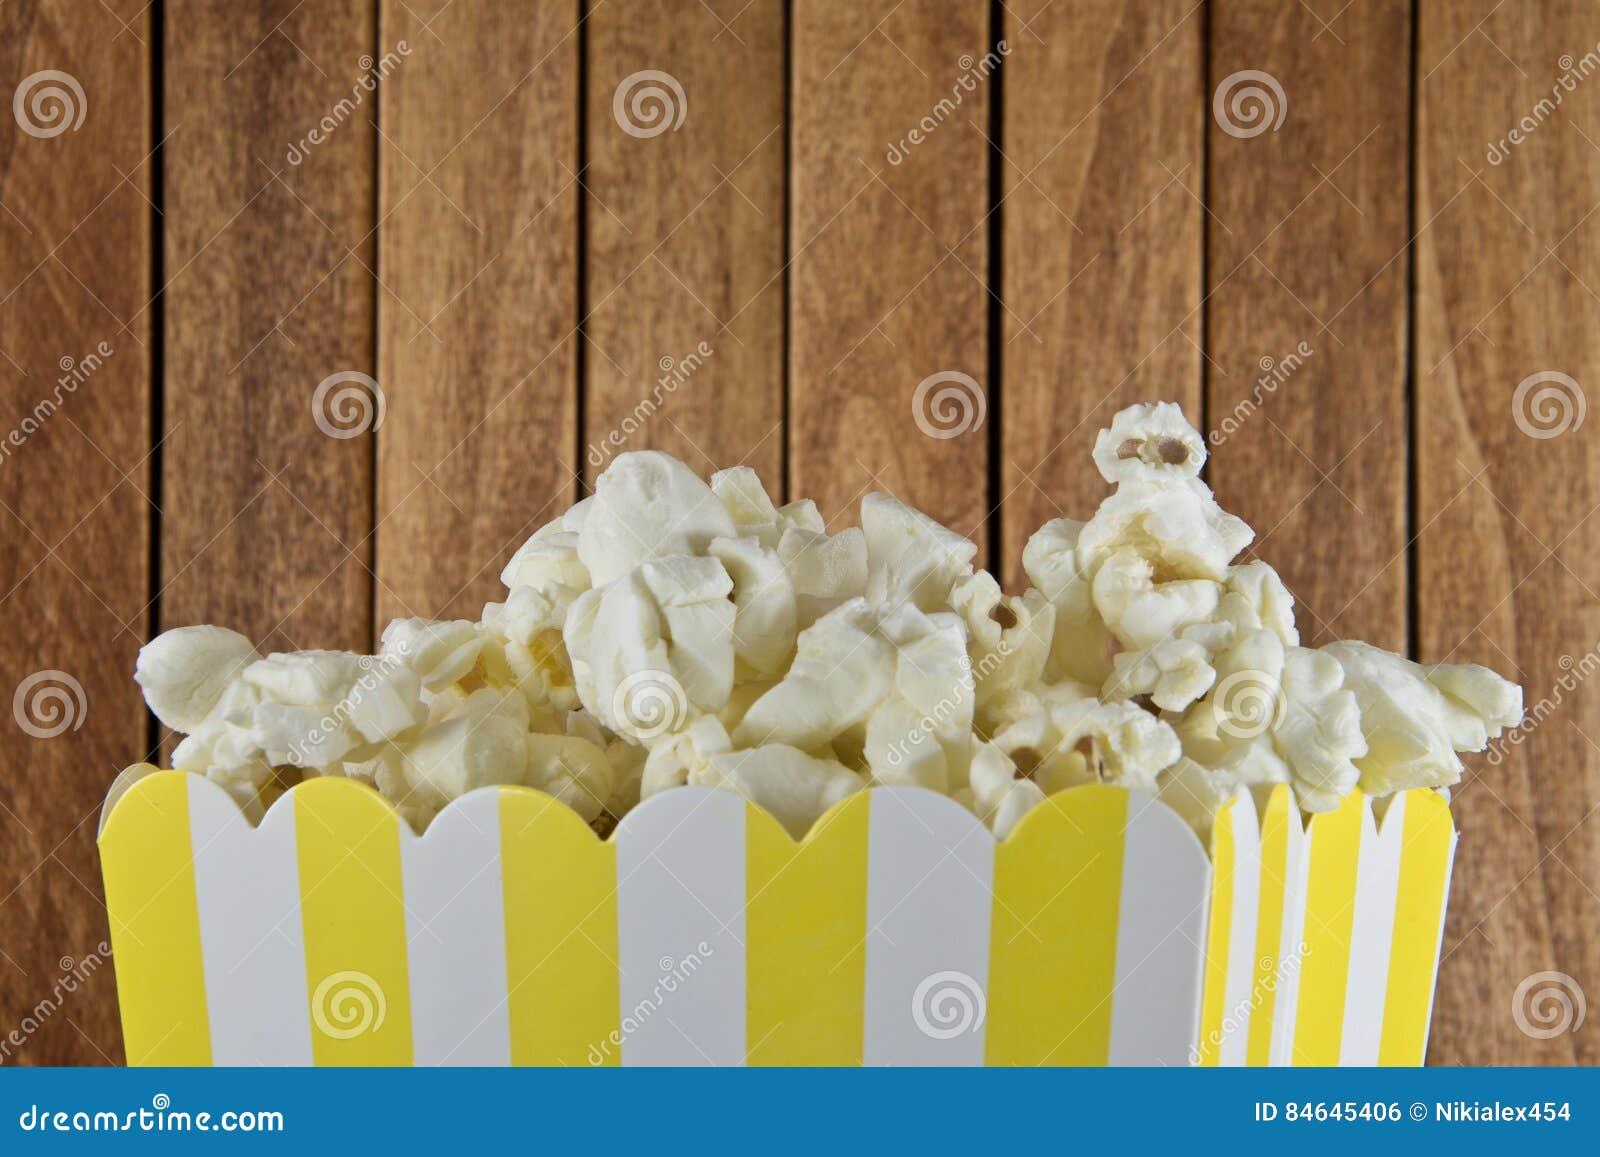 En ask av popcorn på träbakgrund